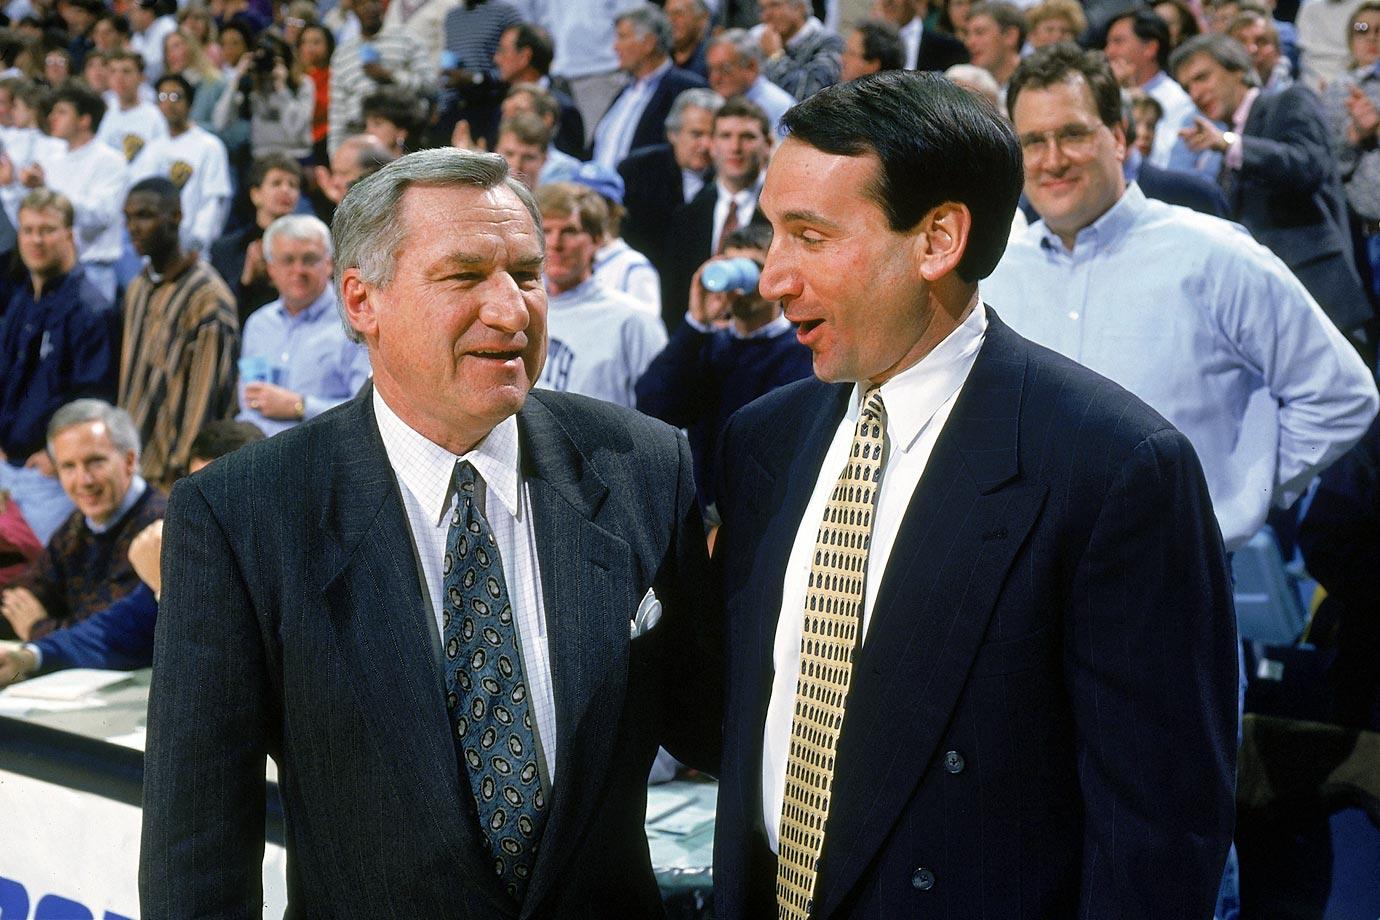 Dean Smith and Mike Krzyzewski